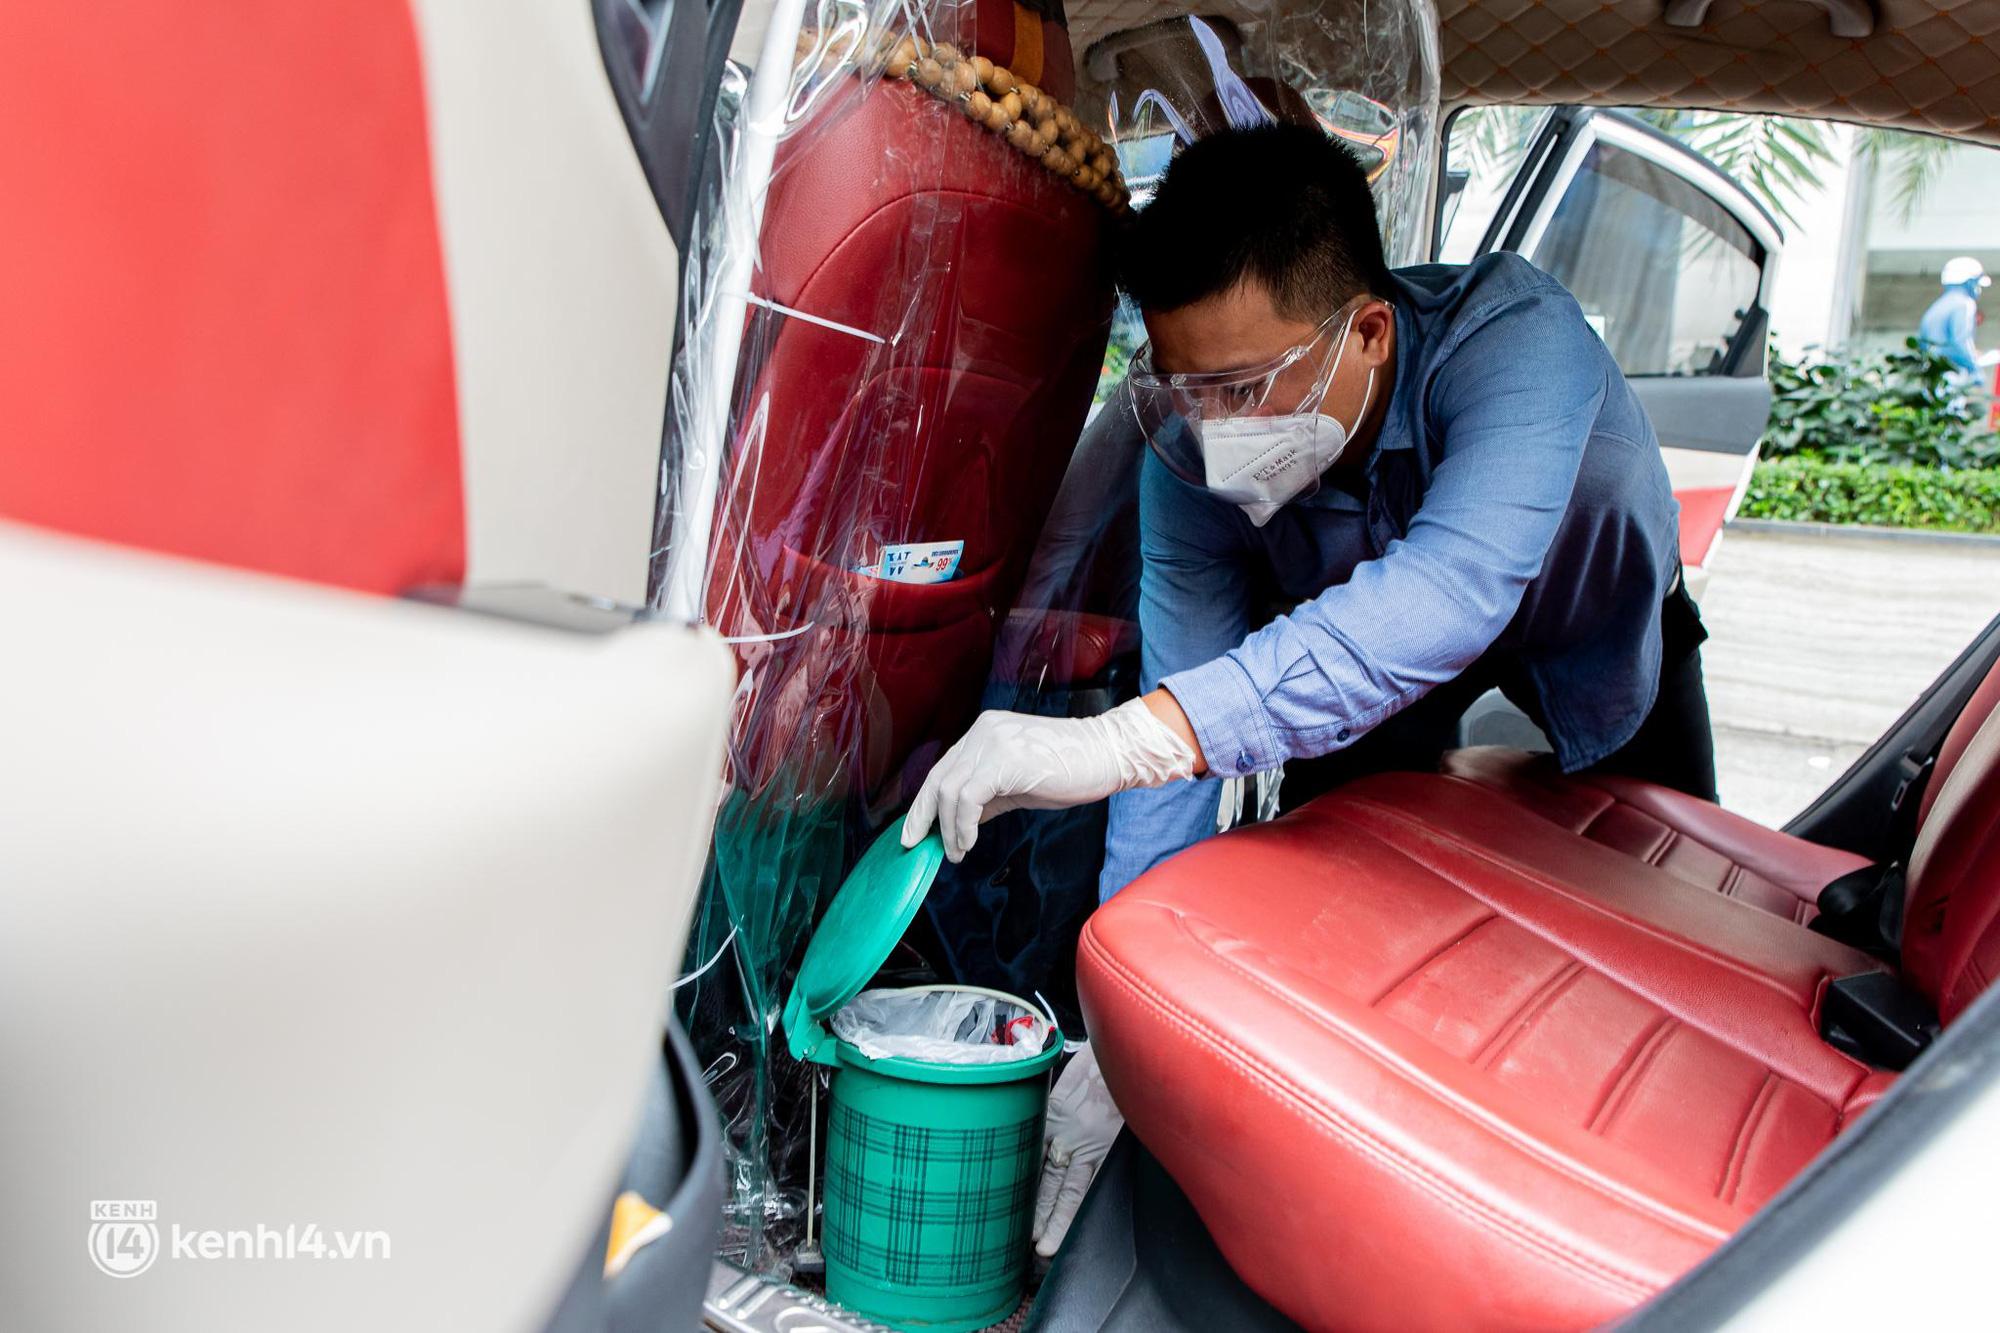 Sài Gòn nới lỏng giãn cách xã hội, bác tài phấn khởi ngày hoạt động trở lại với dịch vụ GrabCar Protect - Ảnh 8.